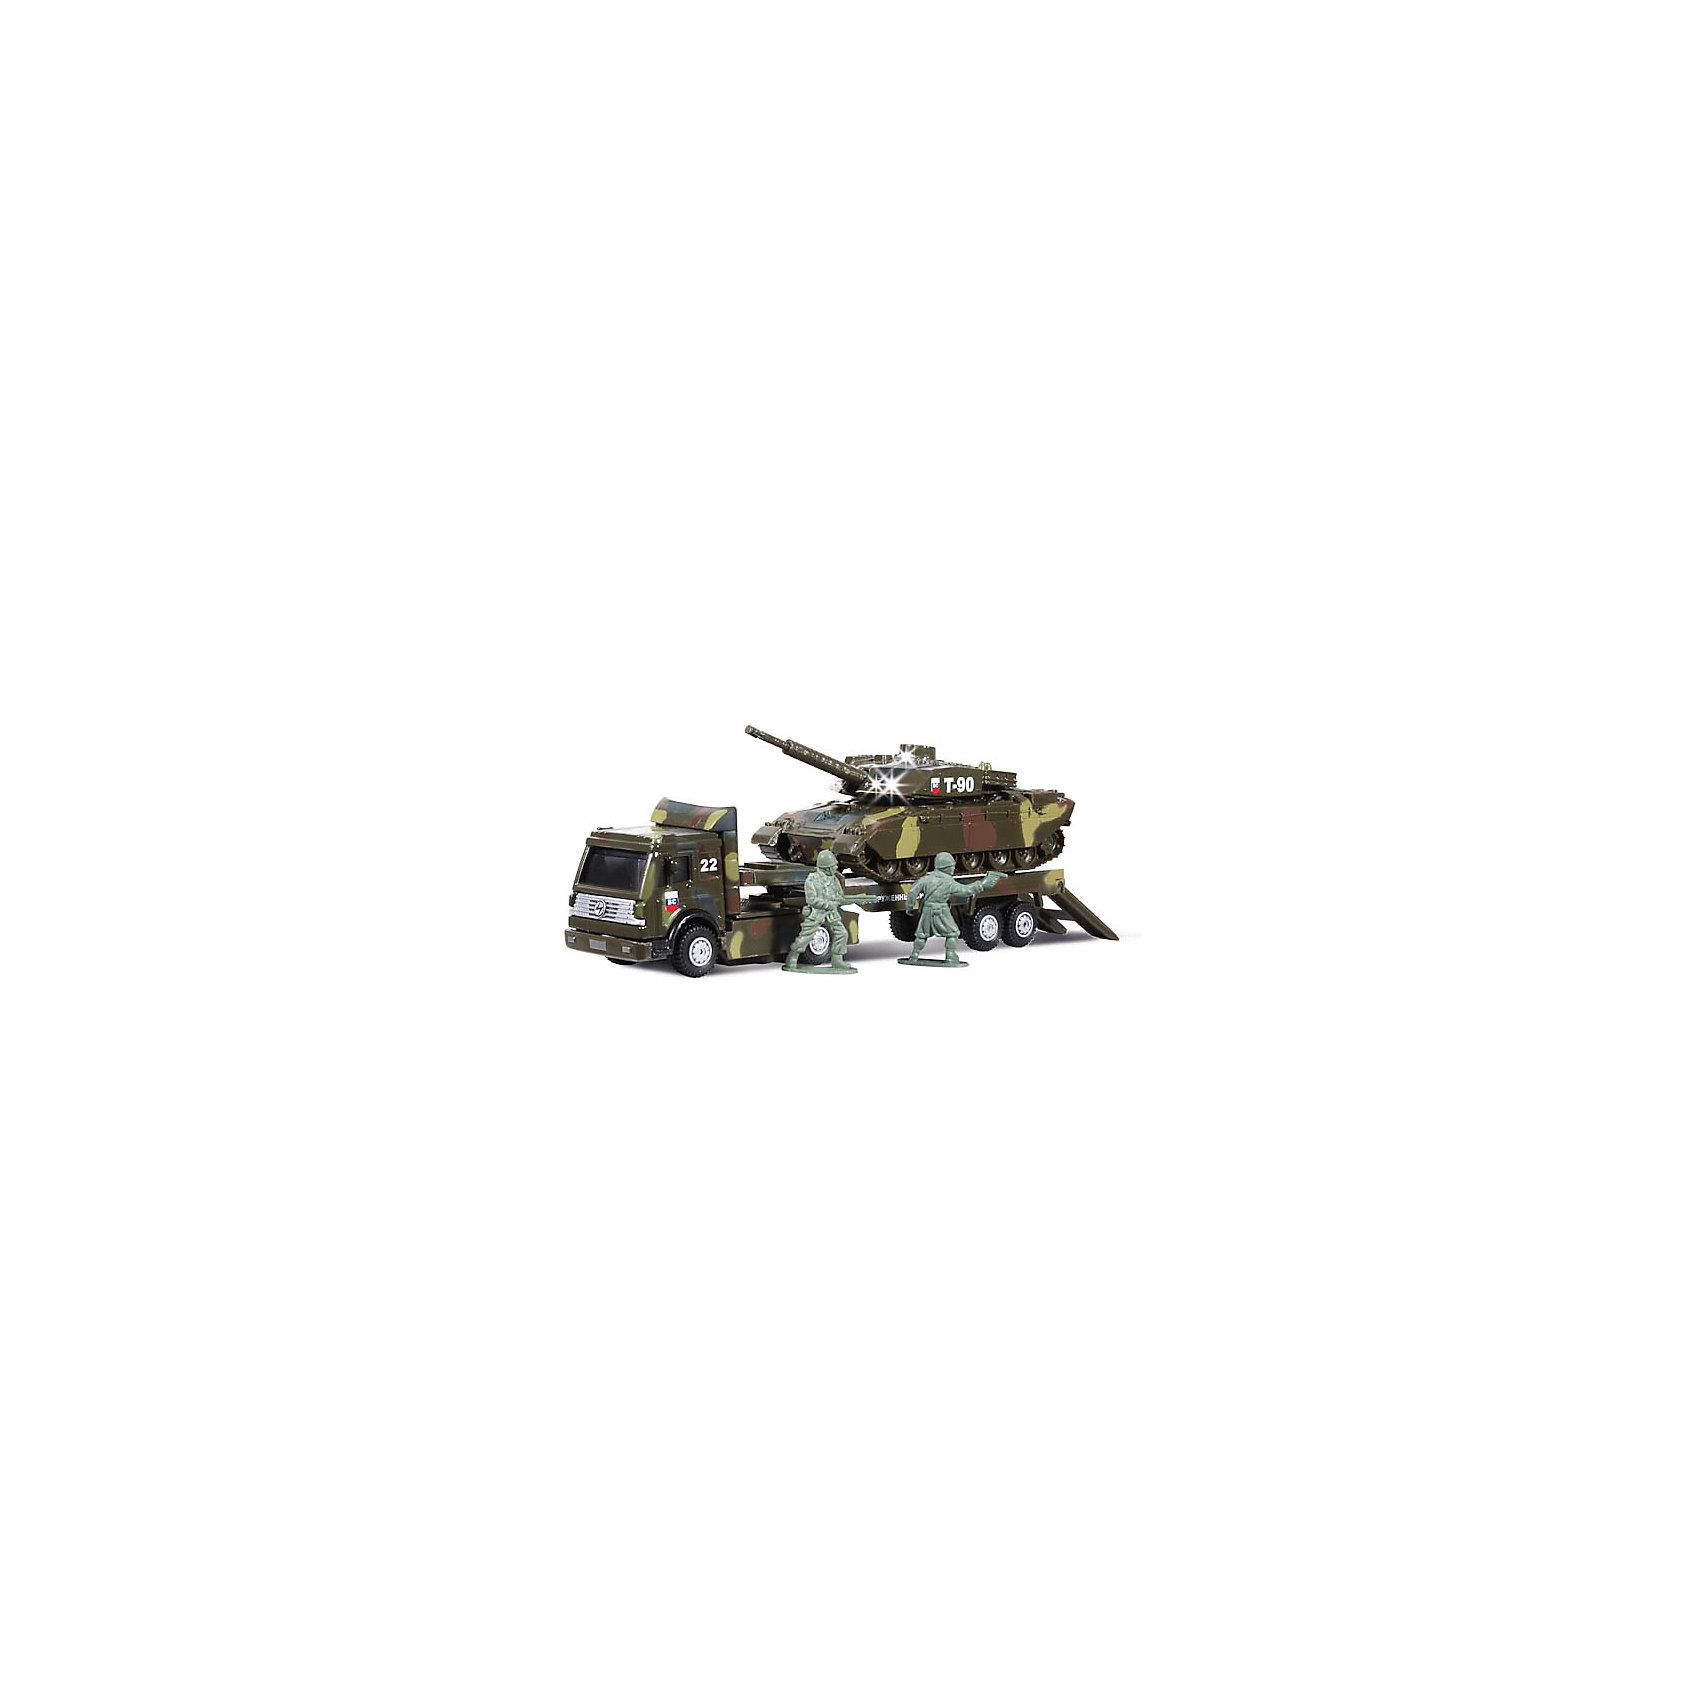 Военный трейлер с инерционным танком на прицепе, со светом и звуком, ТЕХНОПАРКВоенный транспорт<br>Военный трейлер с инерционным танком на прицепе, со светом и звуком, ТЕХНОПАРК – это тщательно проработанная игровая и коллекционная модель.<br>Игровой набор ТехноПарк непременно понравится вашему ребенку. Набор включает в себя военный трейлер-тягач, танк и две фигурки военных. Игрушки выполнены из пластика и металла. Трап тягача откидывается. Башня танка и огнемет подвижны. При нажатии кнопки на крыше танка кнопка и лампочки начинают светиться, при этом слышны звуки боя и приказы командира. Танк и тягач имеют подвижные прорезиненные колесики. Гусеница танка неподвижна. Тягач оснащен инерционным механизмом: стоит откатить игрушку назад, затем отпустить - и он молниеносно поедет вперед. Ваш ребенок будет часами играть с набором, придумывая различные истории. Порадуйте его таким замечательным подарком!<br><br>Дополнительная информация:<br><br>- В наборе: тягач, танк, 2 фигурки<br>- Масштаб: 1:43<br>- Материал: металл, пластик<br>- Работает от батареек<br>- Размеры: тягач 23х4,5х6 см., танк 15,5х 6х5 см., высота фигурок 4 см.<br>- Размер упаковки: 30х12,5х8см.<br>- Вес: 390 гр.<br><br>Военный трейлер с инерционным танком на прицепе, со светом и звуком, ТЕХНОПАРК можно купить в нашем интернет-магазине.<br><br>Ширина мм: 80<br>Глубина мм: 130<br>Высота мм: 300<br>Вес г: 390<br>Возраст от месяцев: 36<br>Возраст до месяцев: 120<br>Пол: Мужской<br>Возраст: Детский<br>SKU: 4077257